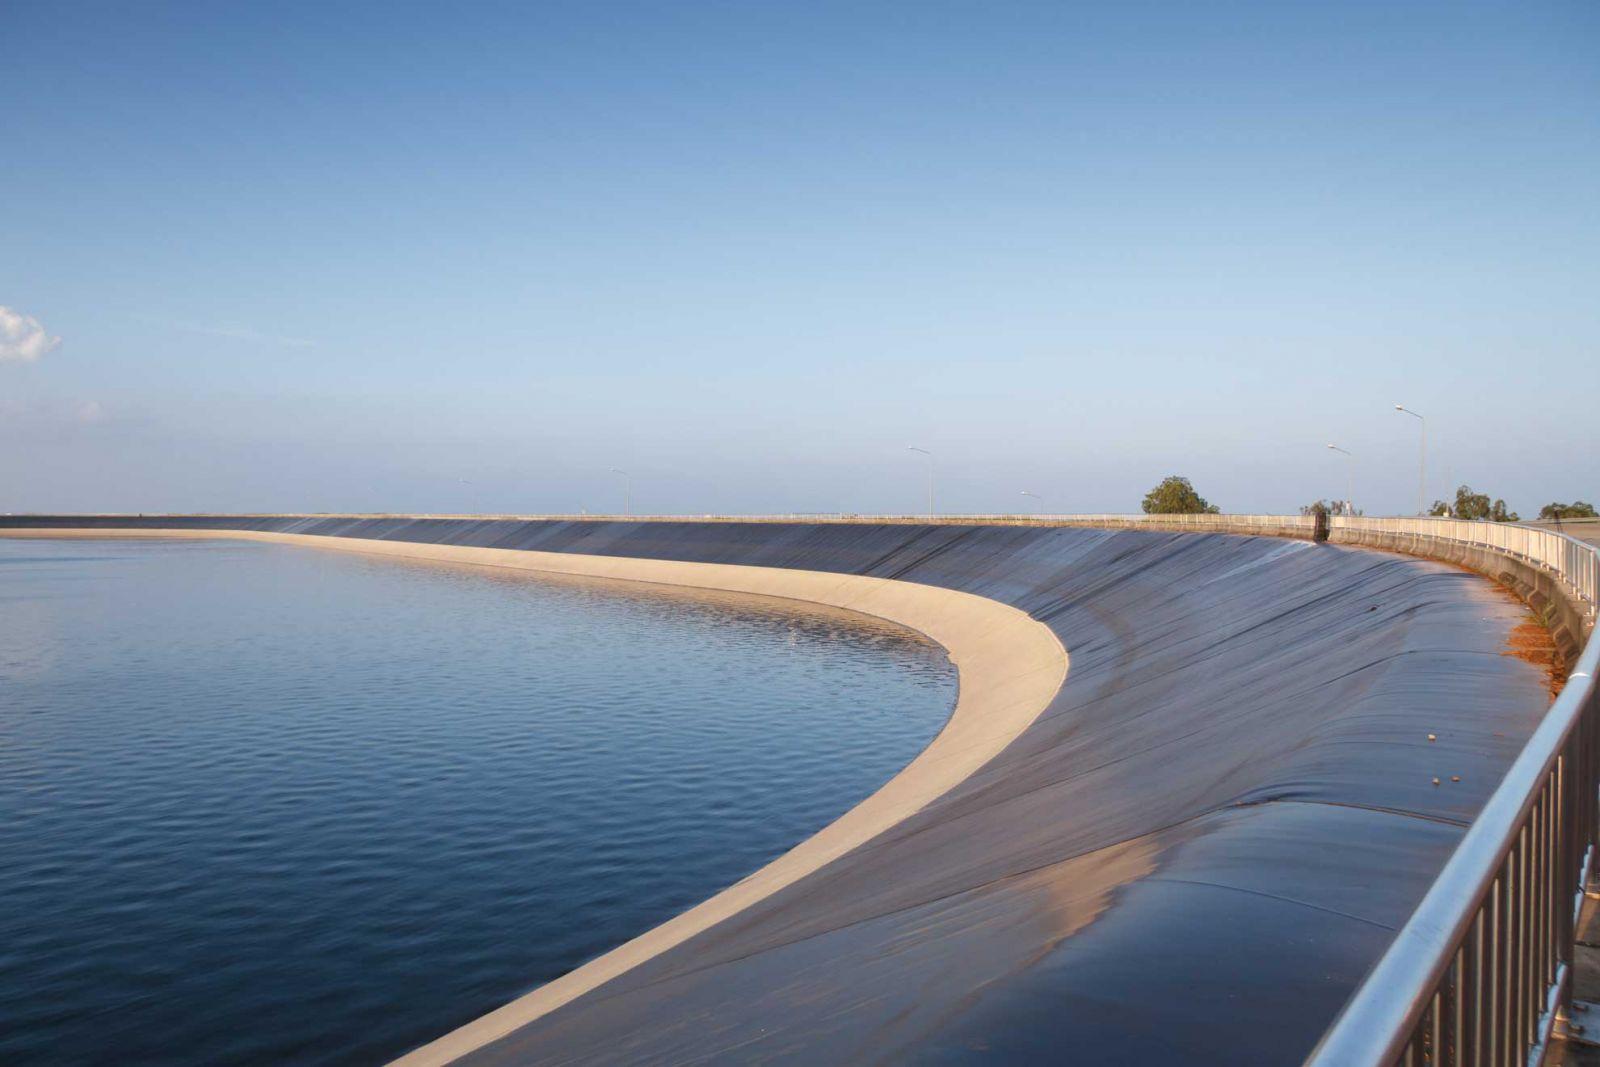 Hồ chứa nước bằng màng chống thấm HDPE